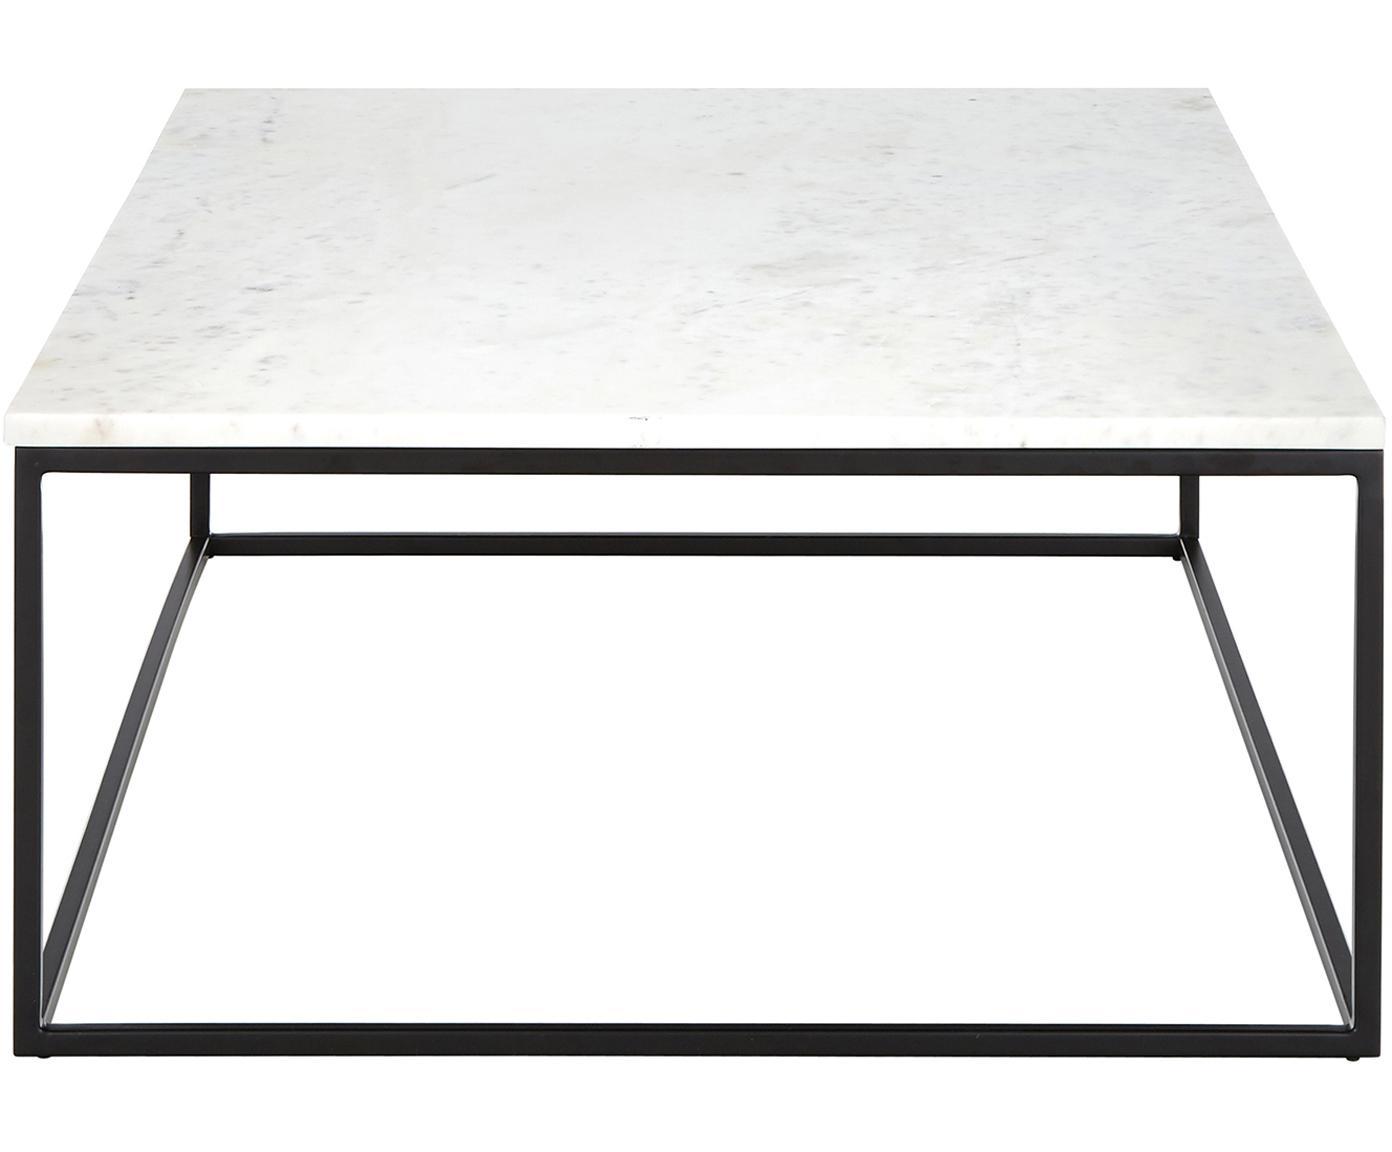 Stolik kawowy z marmuru Alys, Blat: marmur, Stelaż: metal malowany proszkowo, Jasny marmur, czarny, S 120 x G 75 cm